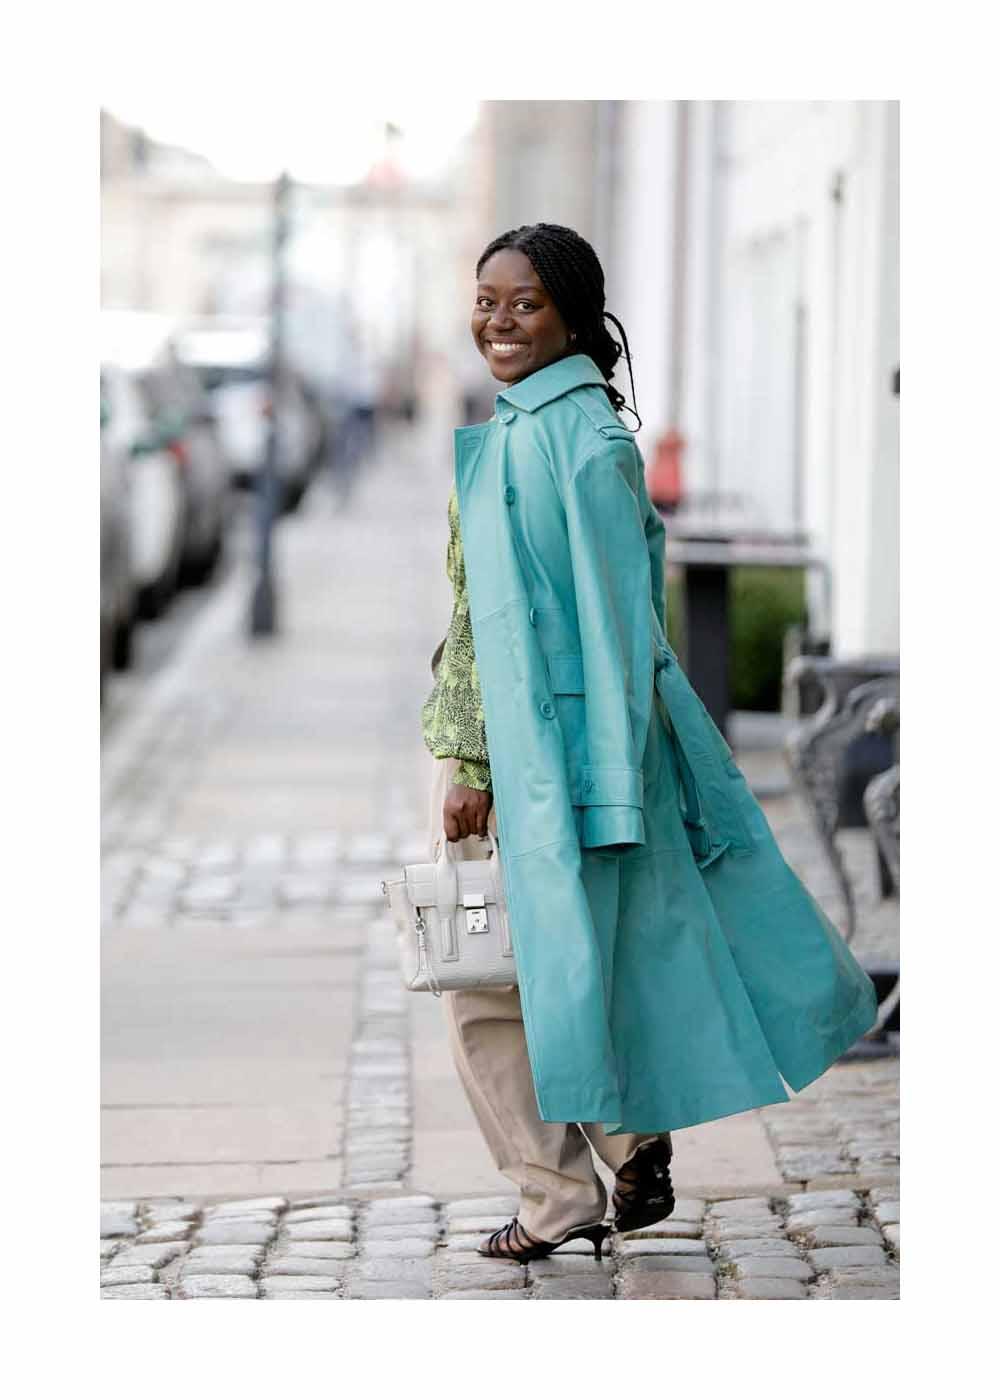 Lois Opoku Streetstyle Shooting